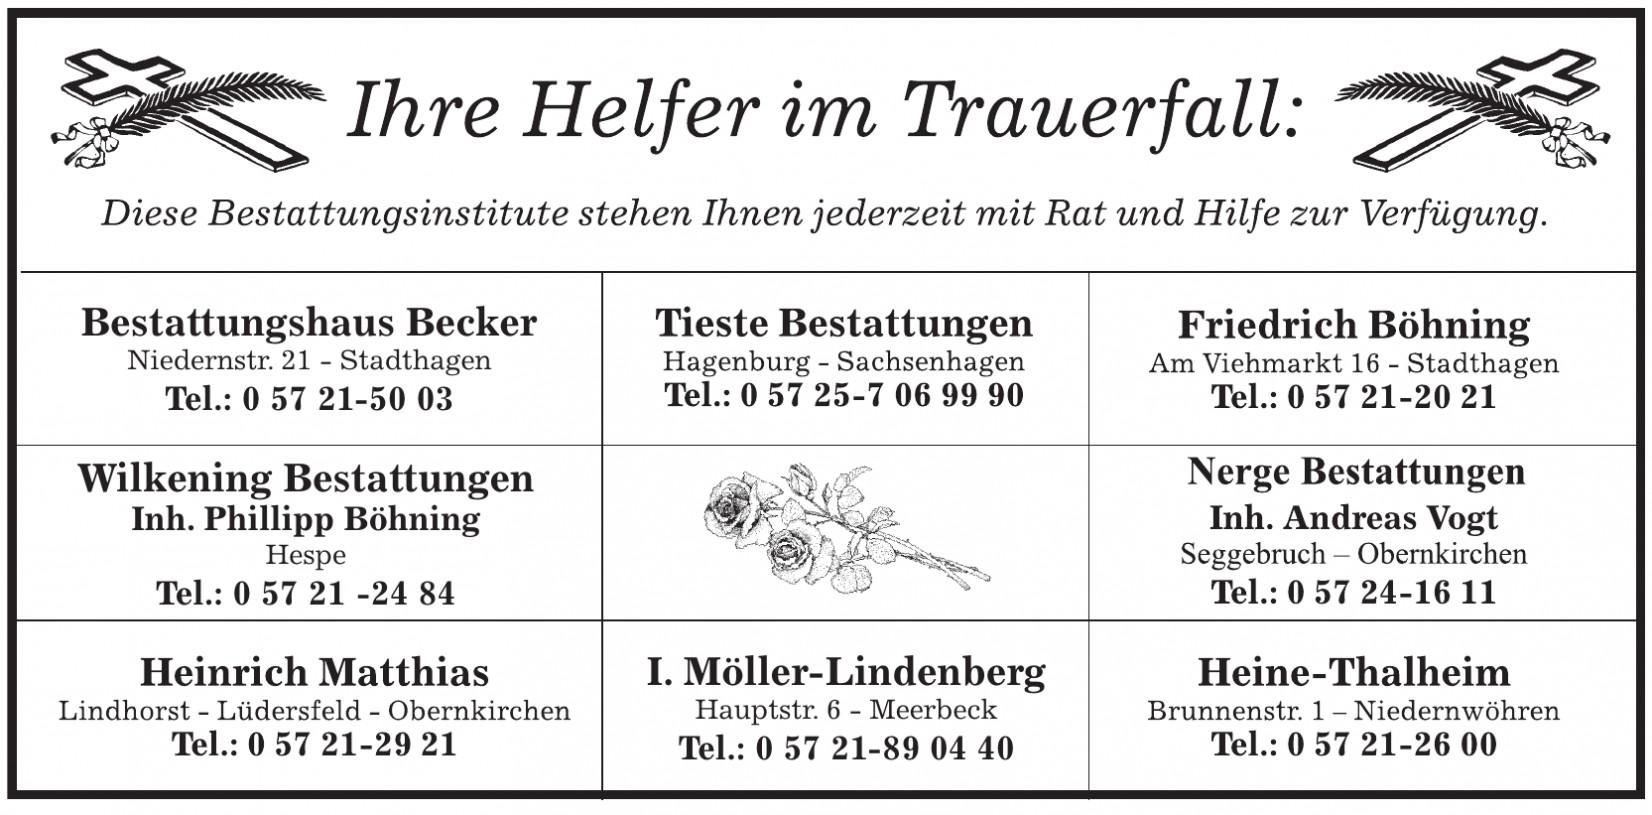 Bestattungshaus Becker